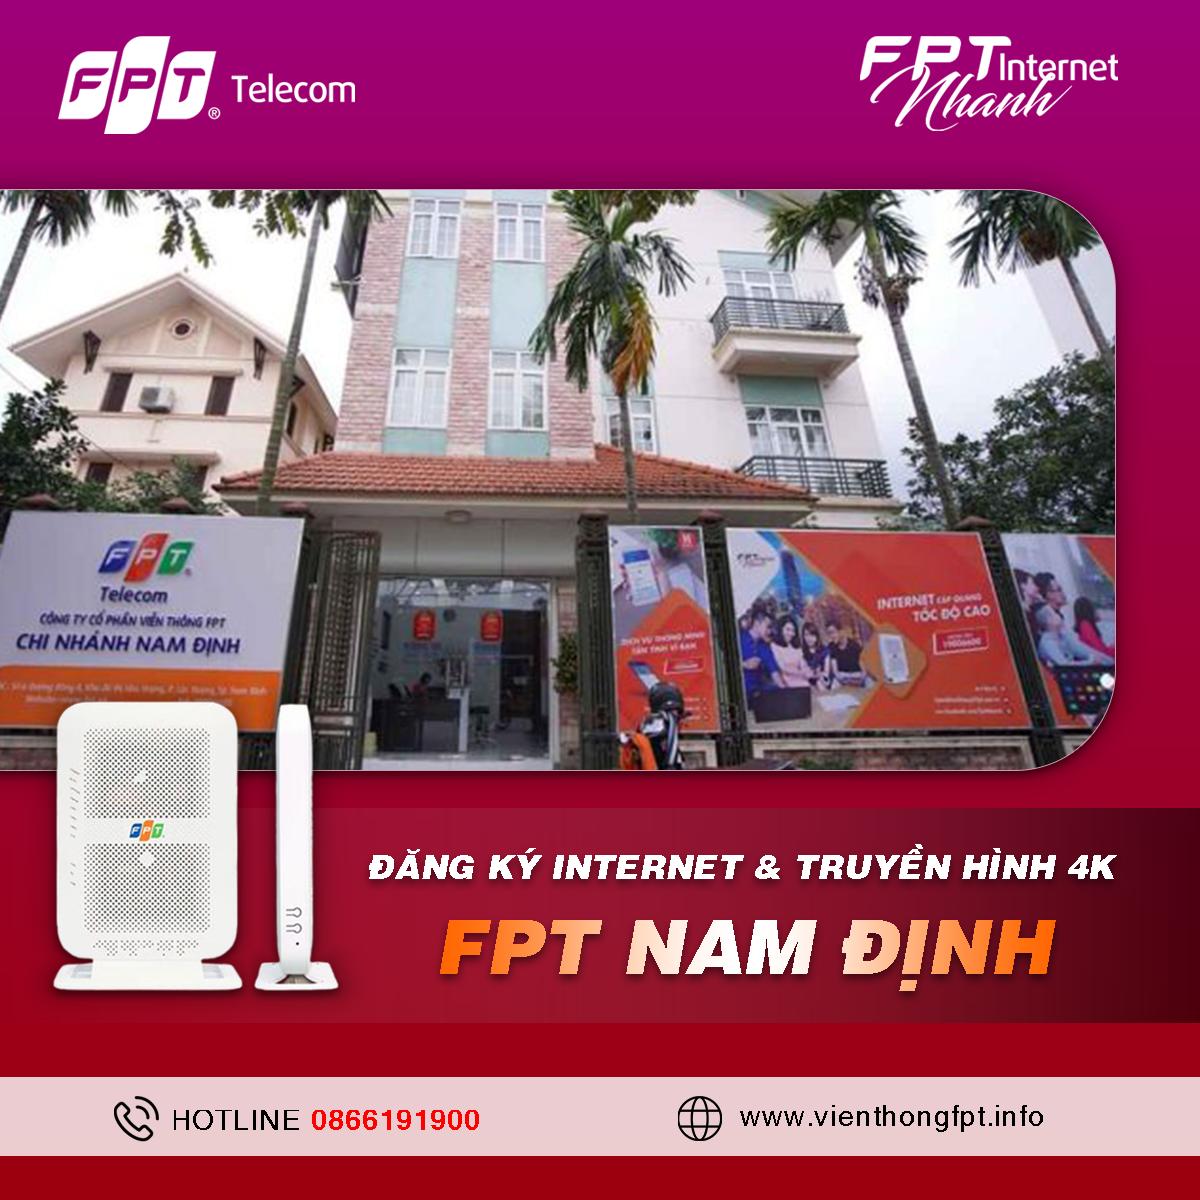 Tổng đài Đăng ký Internet FPT Nam Định